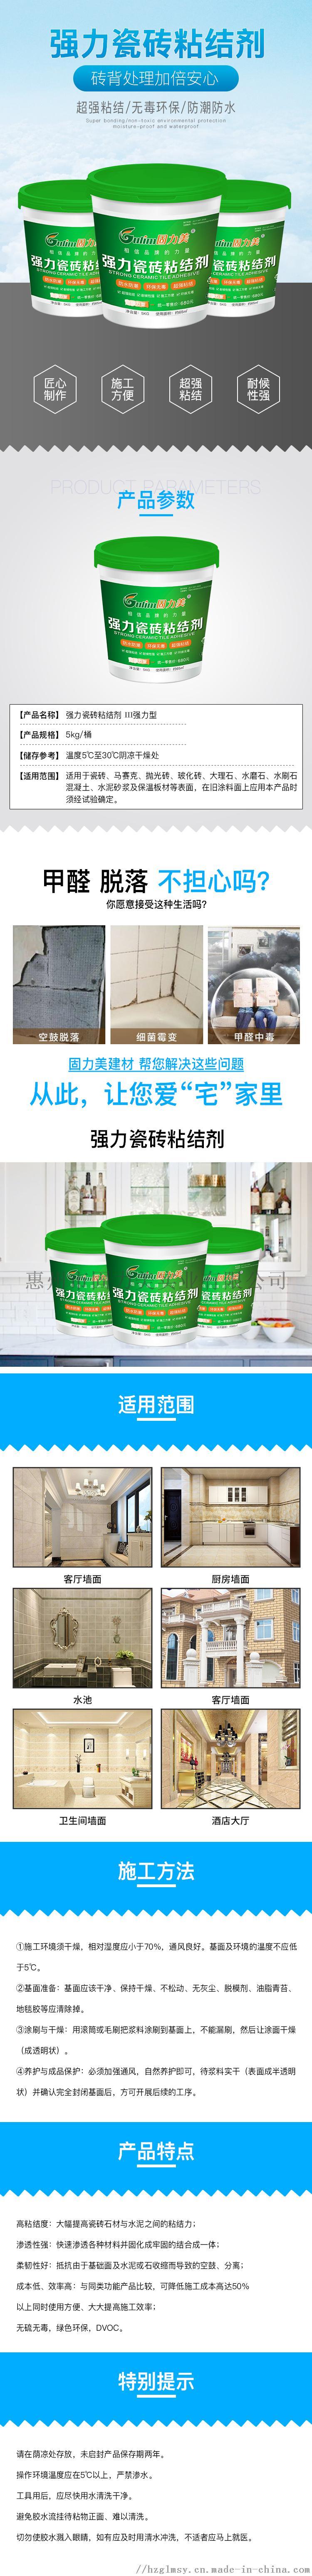 固力美工厂直销背涂型强力瓷砖胶粘结剂151485025